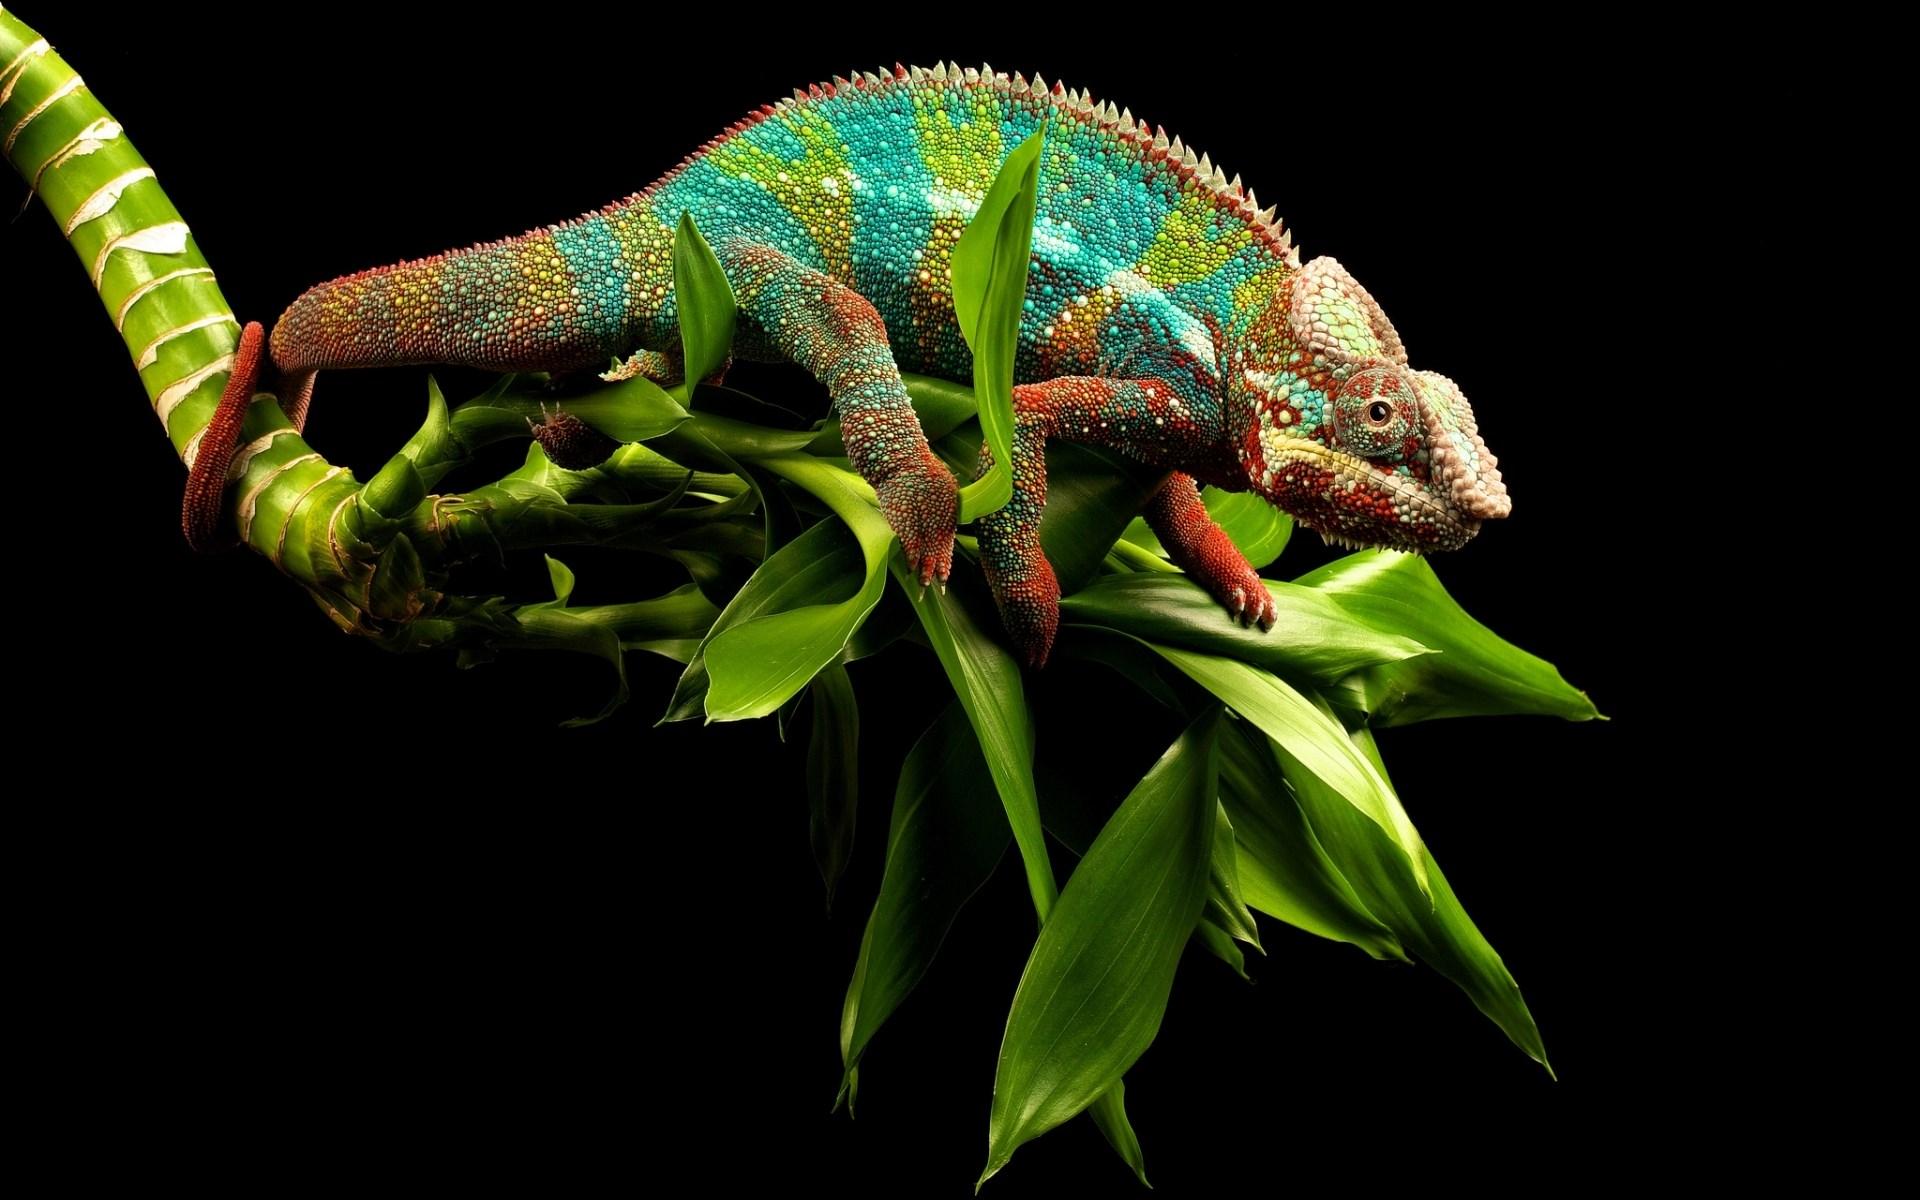 Beautiful chameleon wallpapers hd desktop wallpapers 4k hd - Wallpaper hd 4k ...